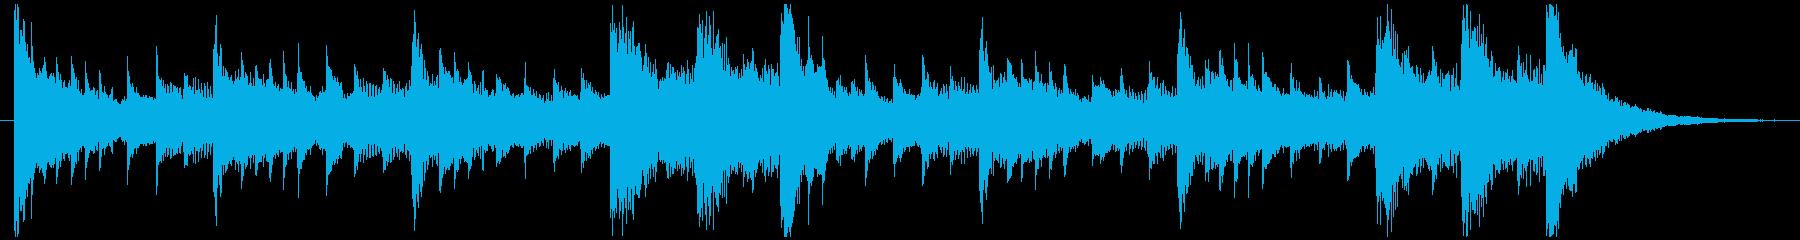 ホラー・ファンタジー・ハロウィンジングルの再生済みの波形